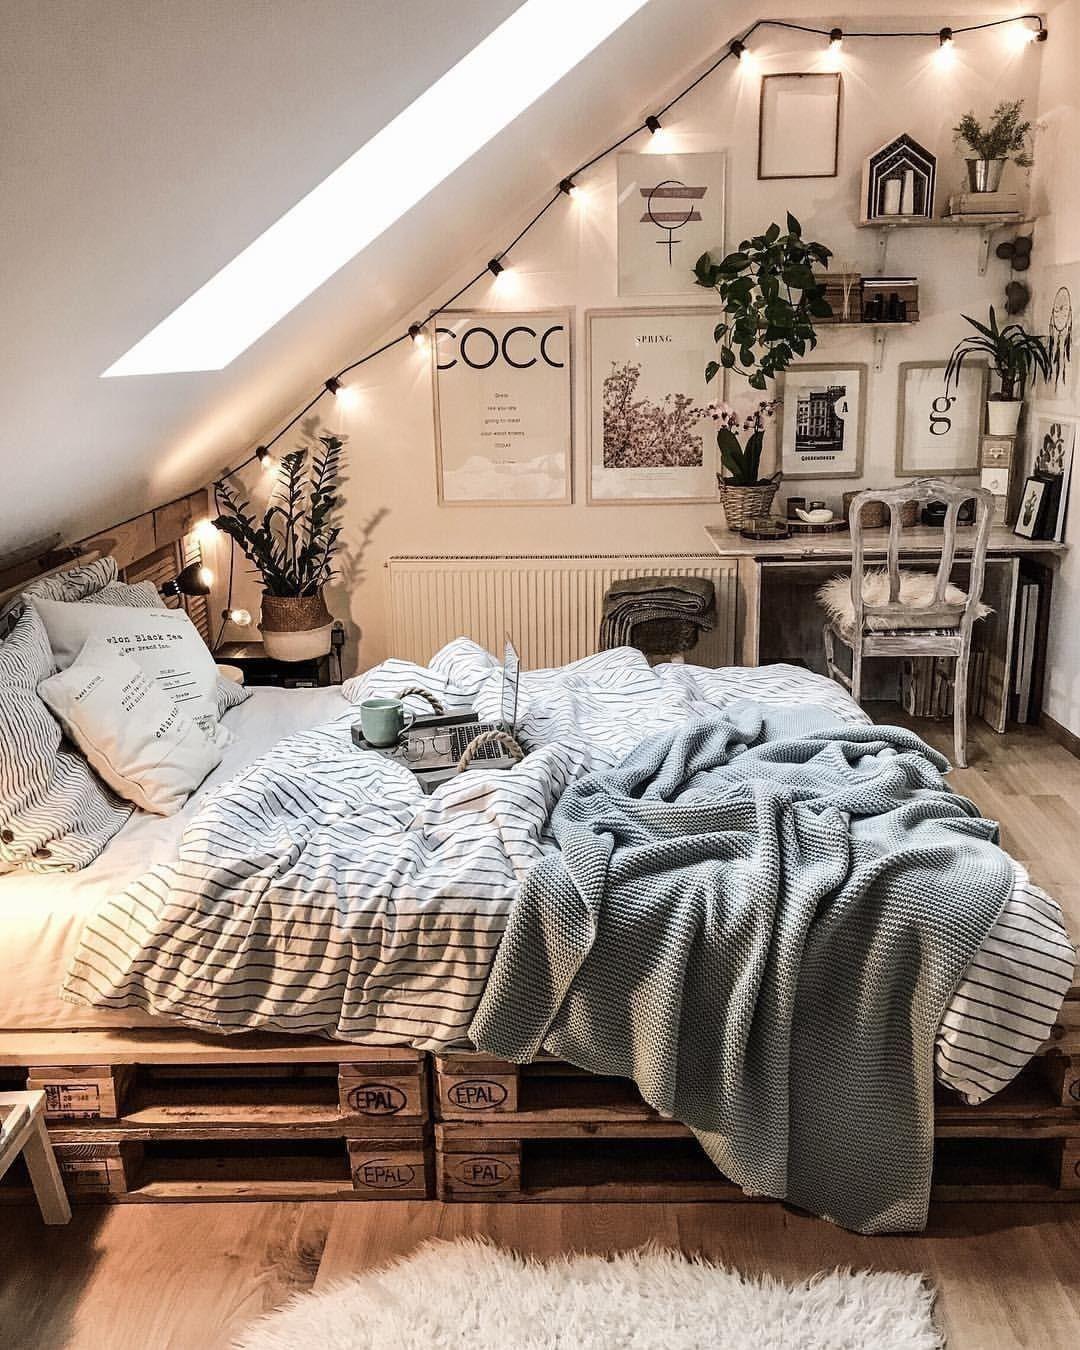 Maravilhoso quarto escandinavo, você gosta? Não se esqueça de nos seguir em @ p ...